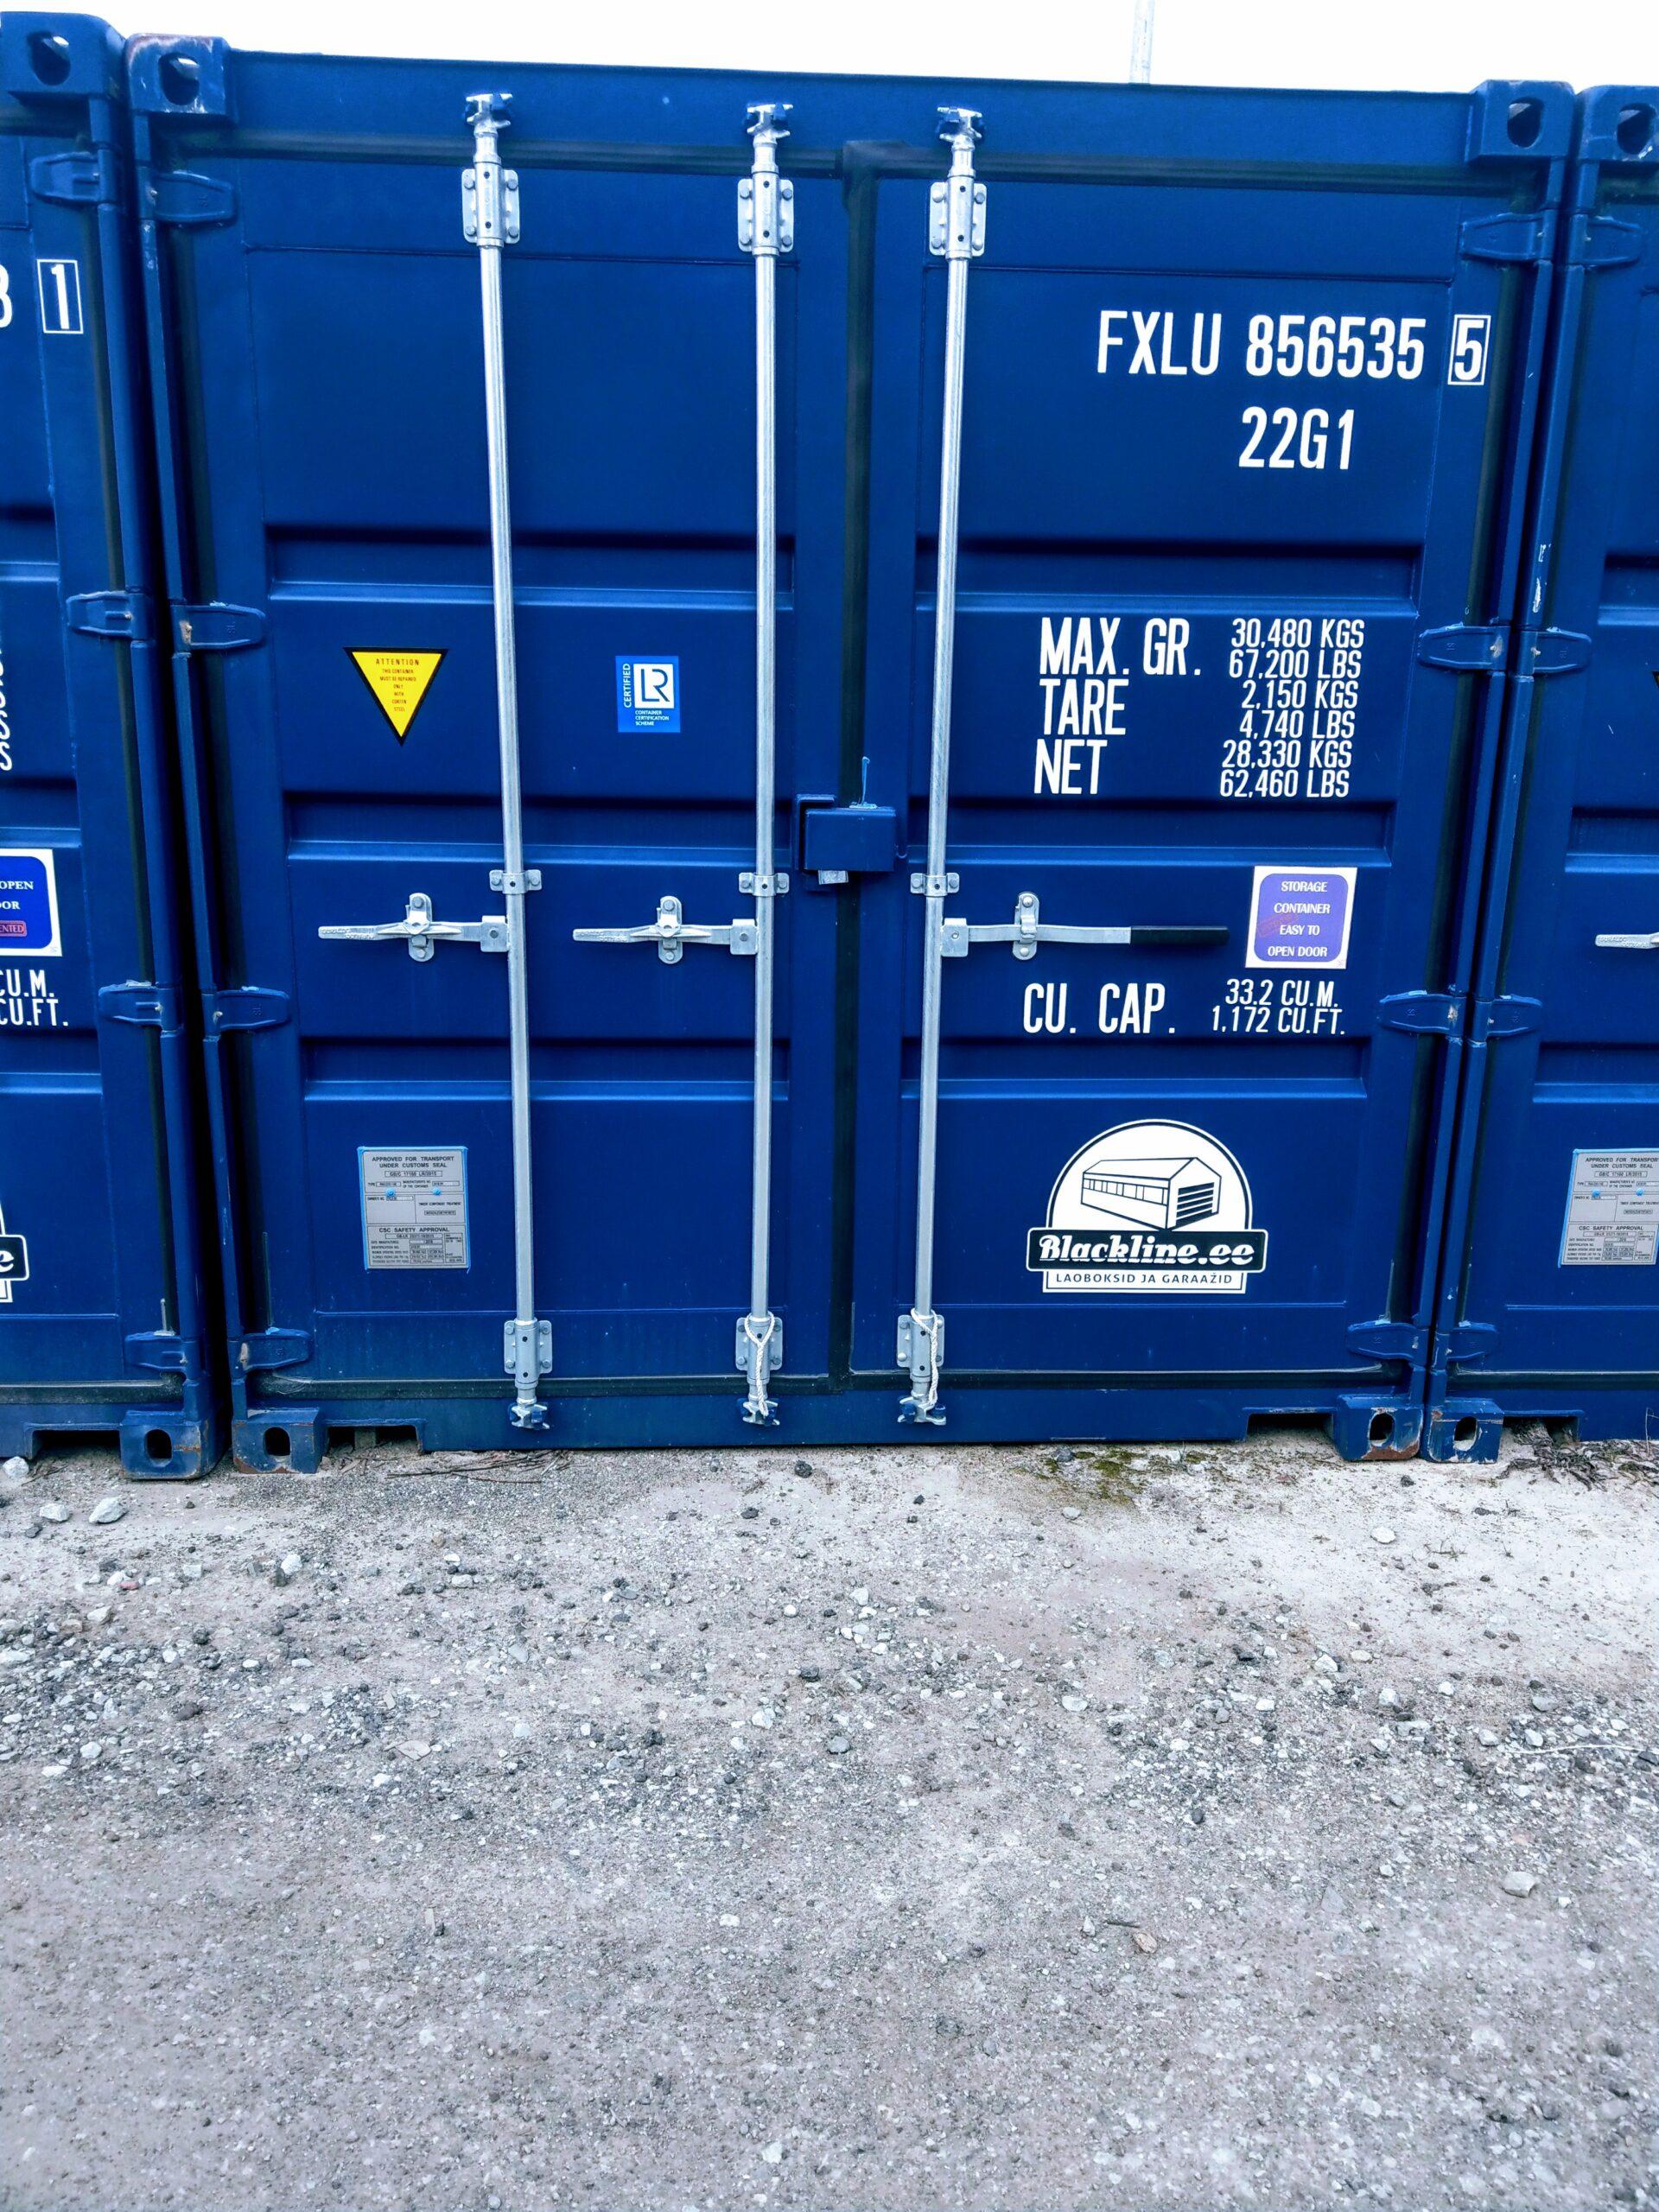 Uus konteinerladu NR 6 – FXLU8565355